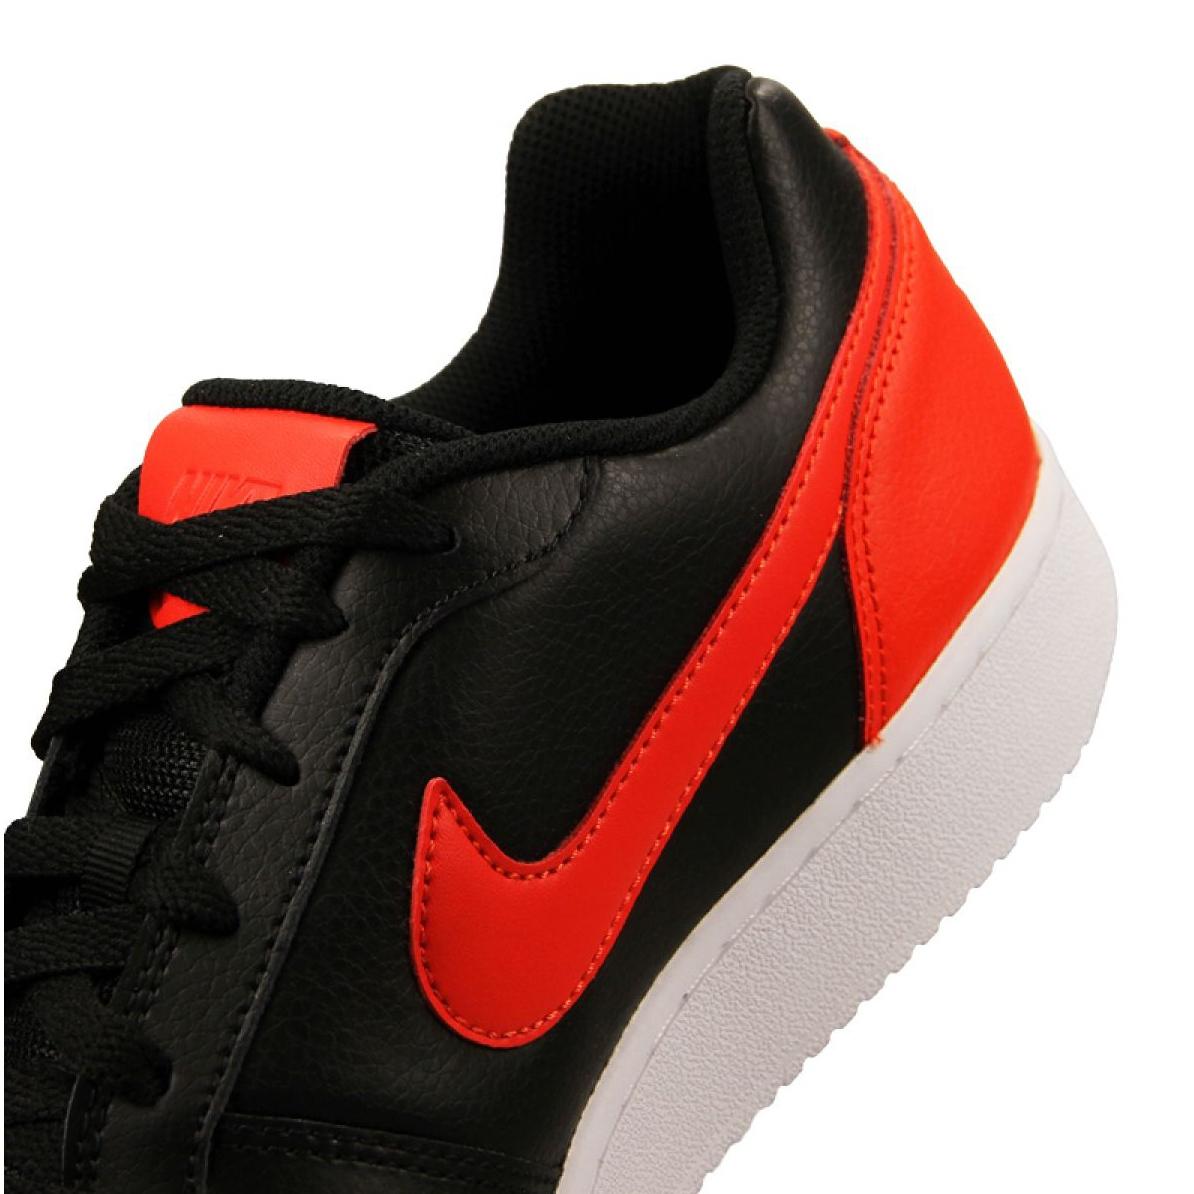 Sapatilhas Nike Ebernon Low M AQ1775 004